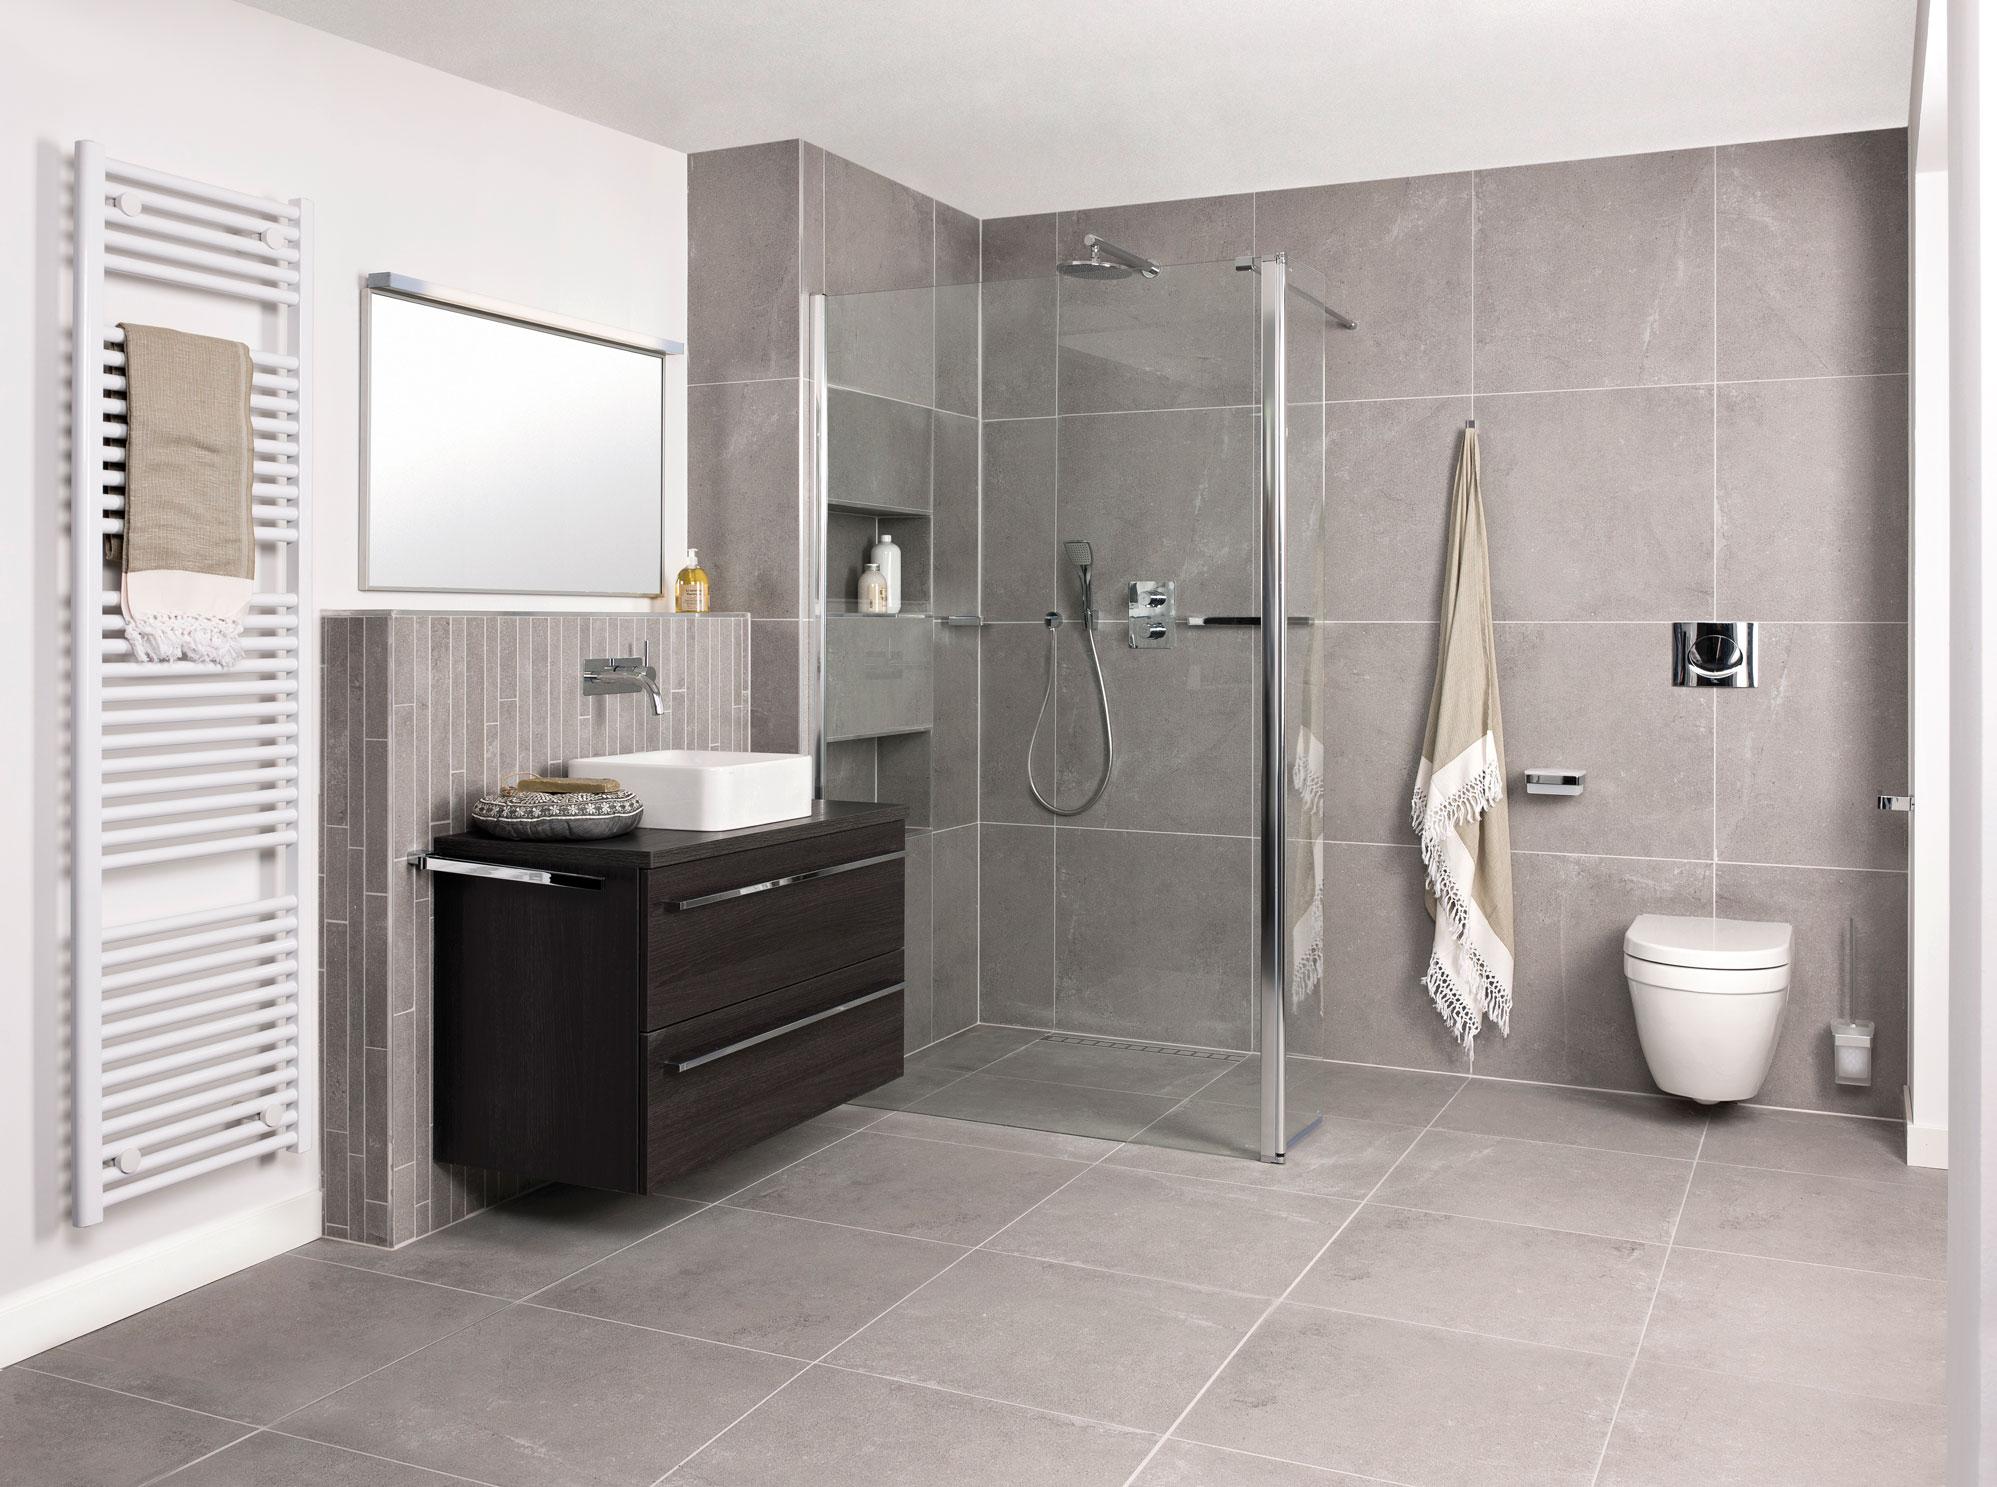 Hoekprofiel tegels badkamer plaatsen tgwonen